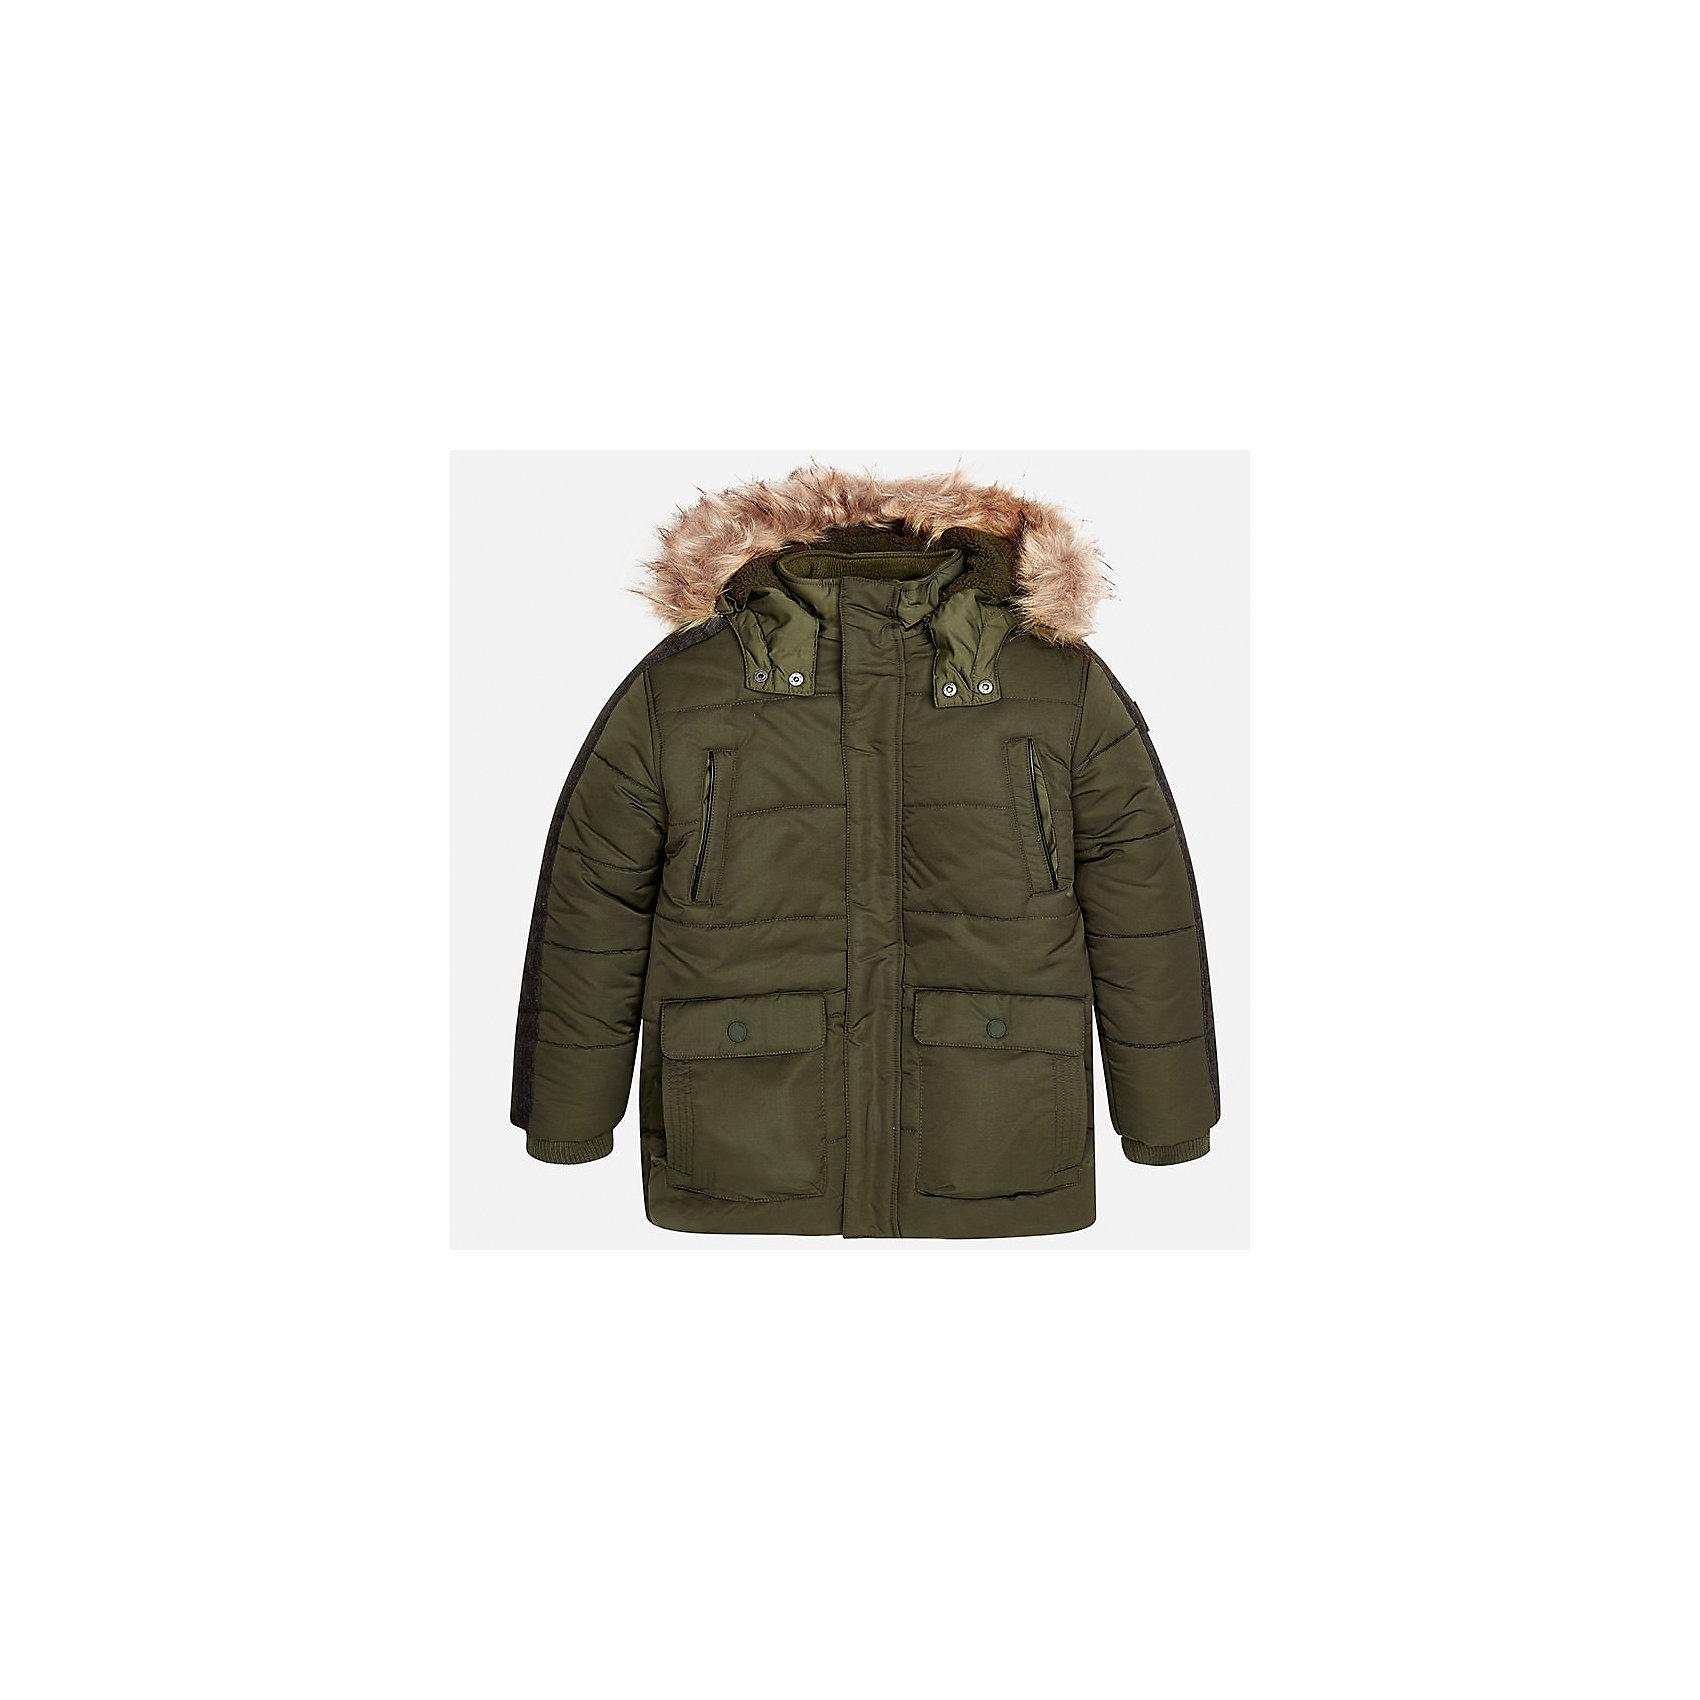 Куртка Mayoral для мальчикаВерхняя одежда<br>Характеристики товара:<br><br>• цвет: зеленый;<br>• сезон: демисезон;<br>• температурный режим: от 0 до -10С;<br>• состав ткани: 100% полиэстер;<br>• состав подкладки: 100% полиэстер;<br>• на молнии и на кнопках;<br>• фасон: парка;<br>• капюшон:   отстегивается, с мехом;<br>• страна бренда: Испания;<br>• страна изготовитель: Китай.<br><br>Утепленная демисезонная куртка для мальчика от популярного бренда Mayoral,  модный фасон - парка  несомненно понравится вам и вашему ребенку. Качественные ткани, безупречное исполнение, все модели в центре модных тенденций. <br><br>Удлиненная модель зеленого цвета выполненаиз качественной ткани и внутреннего утеплителя, обеспечивающие хорошую воздухопроницаемую защиту и тепло,  рукава на элестичных манжетах. Застегивается на молнию и на кнопки, капюшон отстегивается, украшен искусственной опушкой, кодкладка капюшона утеплена плюшем.   Верхние передние карманы на молнии и нижние передние карманы на кнопках. Декорирована стильными вставками на рукавах.<br><br>Легкая и теплая куртка-парка с капюшоном и карманами на холодную осень - теплую зиму. Грамотный крой изделия обеспечивает отличную посадку по фигуре. <br><br>Утепленная демисезонная куртка для мальчика Mayoral (Майорал) можно купить в нашем интернет-магазине.<br><br>Ширина мм: 356<br>Глубина мм: 10<br>Высота мм: 245<br>Вес г: 519<br>Цвет: зеленый<br>Возраст от месяцев: 168<br>Возраст до месяцев: 180<br>Пол: Мужской<br>Возраст: Детский<br>Размер: 170,128/134,140,152,158,164<br>SKU: 6938893